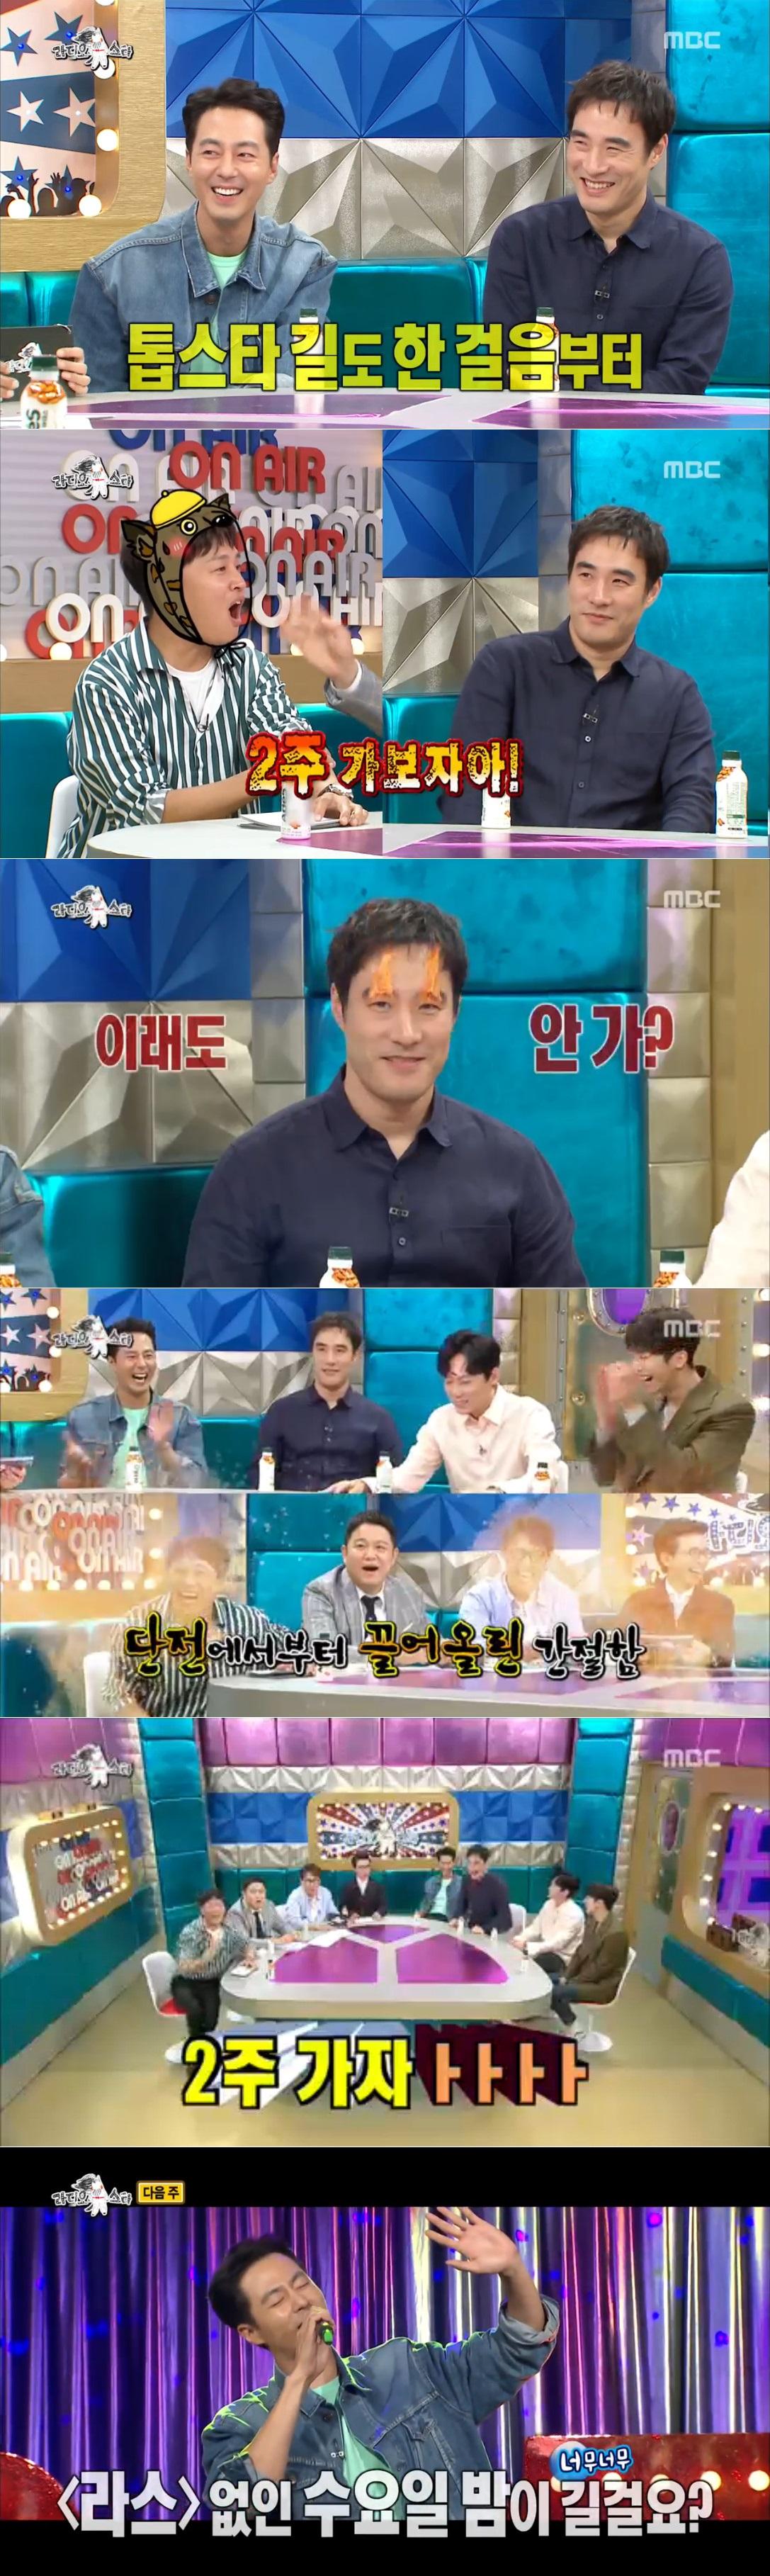 '라디오스타' 조인성-배성우-박병은-남주혁, '2주 특집' 향한 열망 이뤄냈다!